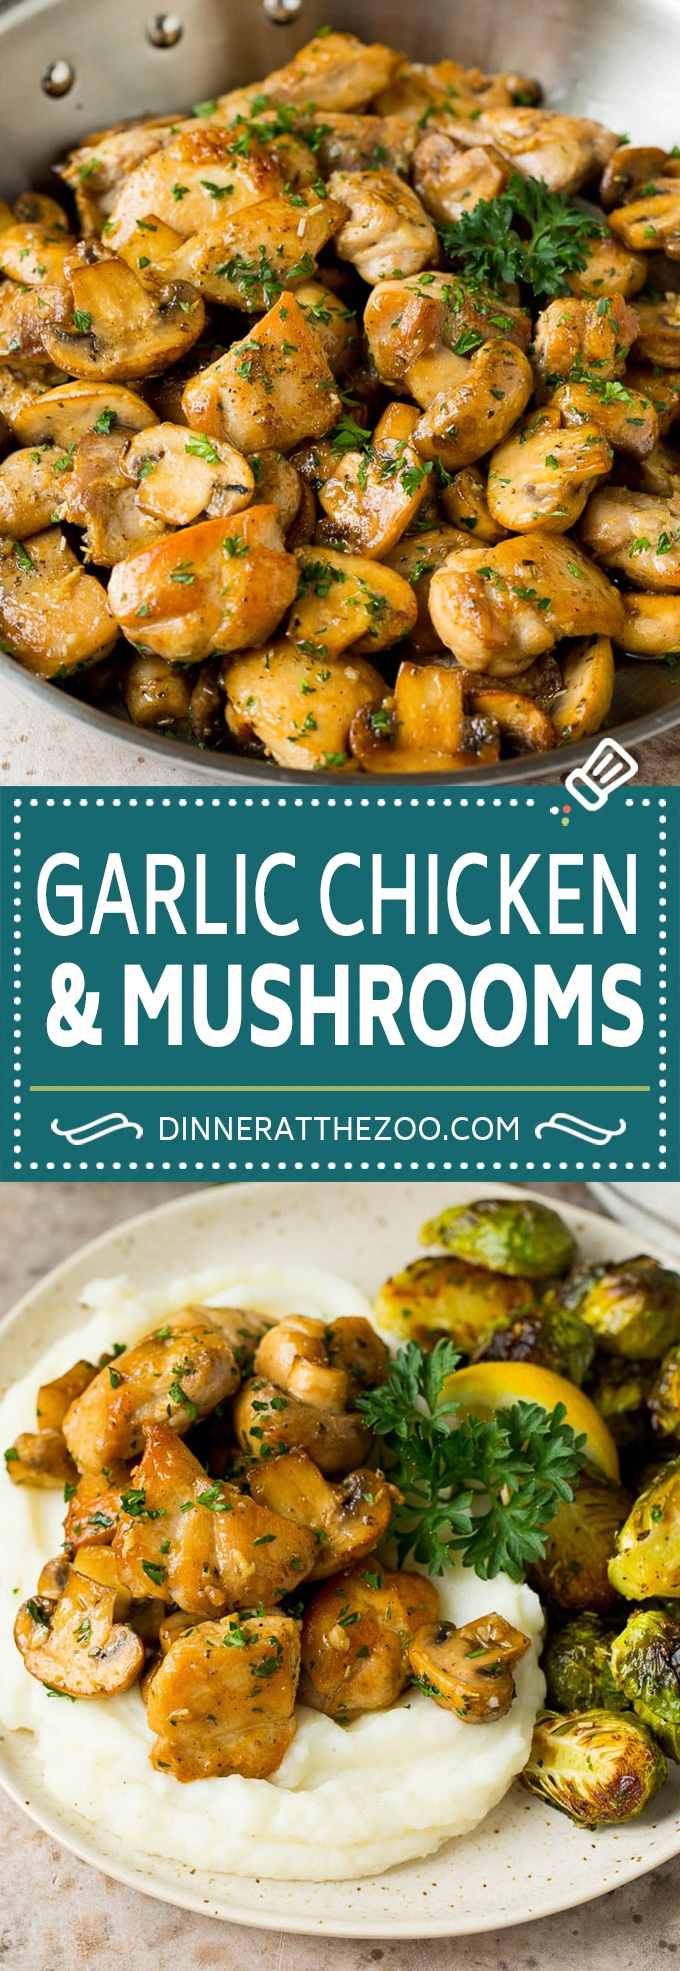 Esta receta de pollo con mantequilla de ajo incluye pollo a la sartén y champiñones salteados, todo en una sabrosa salsa de mantequilla, ajo y hierbas.